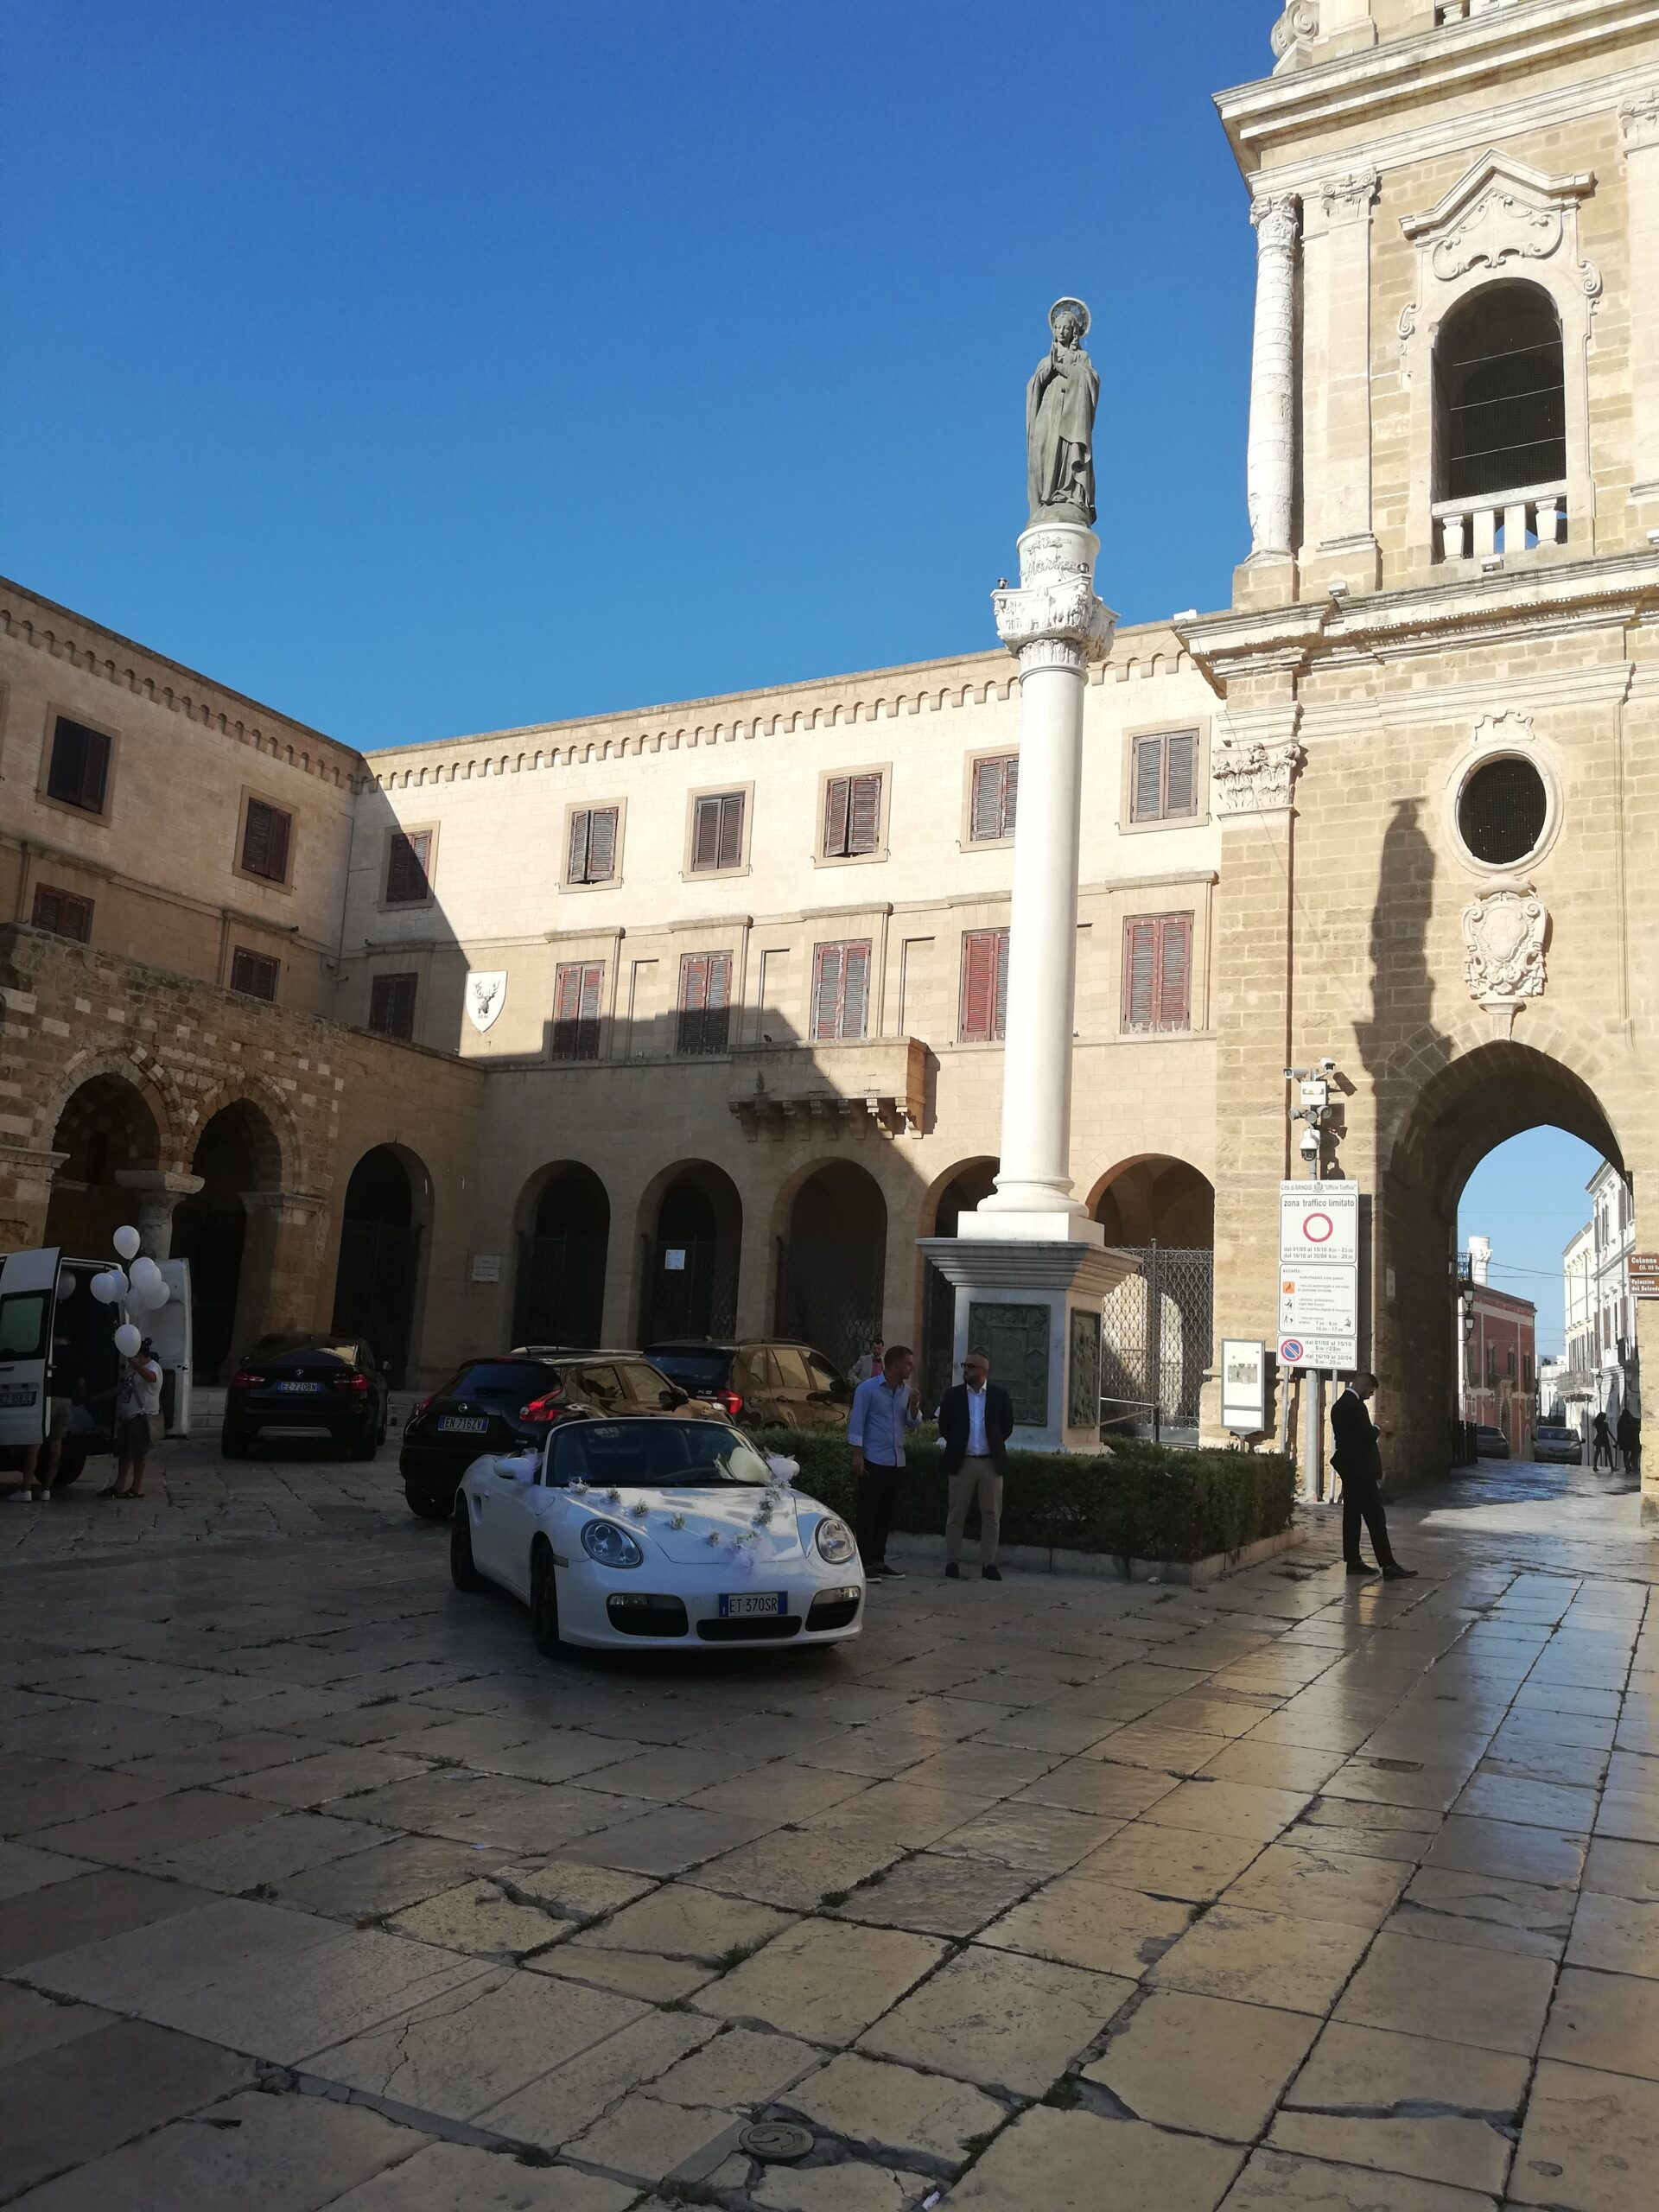 COSA VEDERE A BRINDISI, Piazza Duomo e la Cattedrale